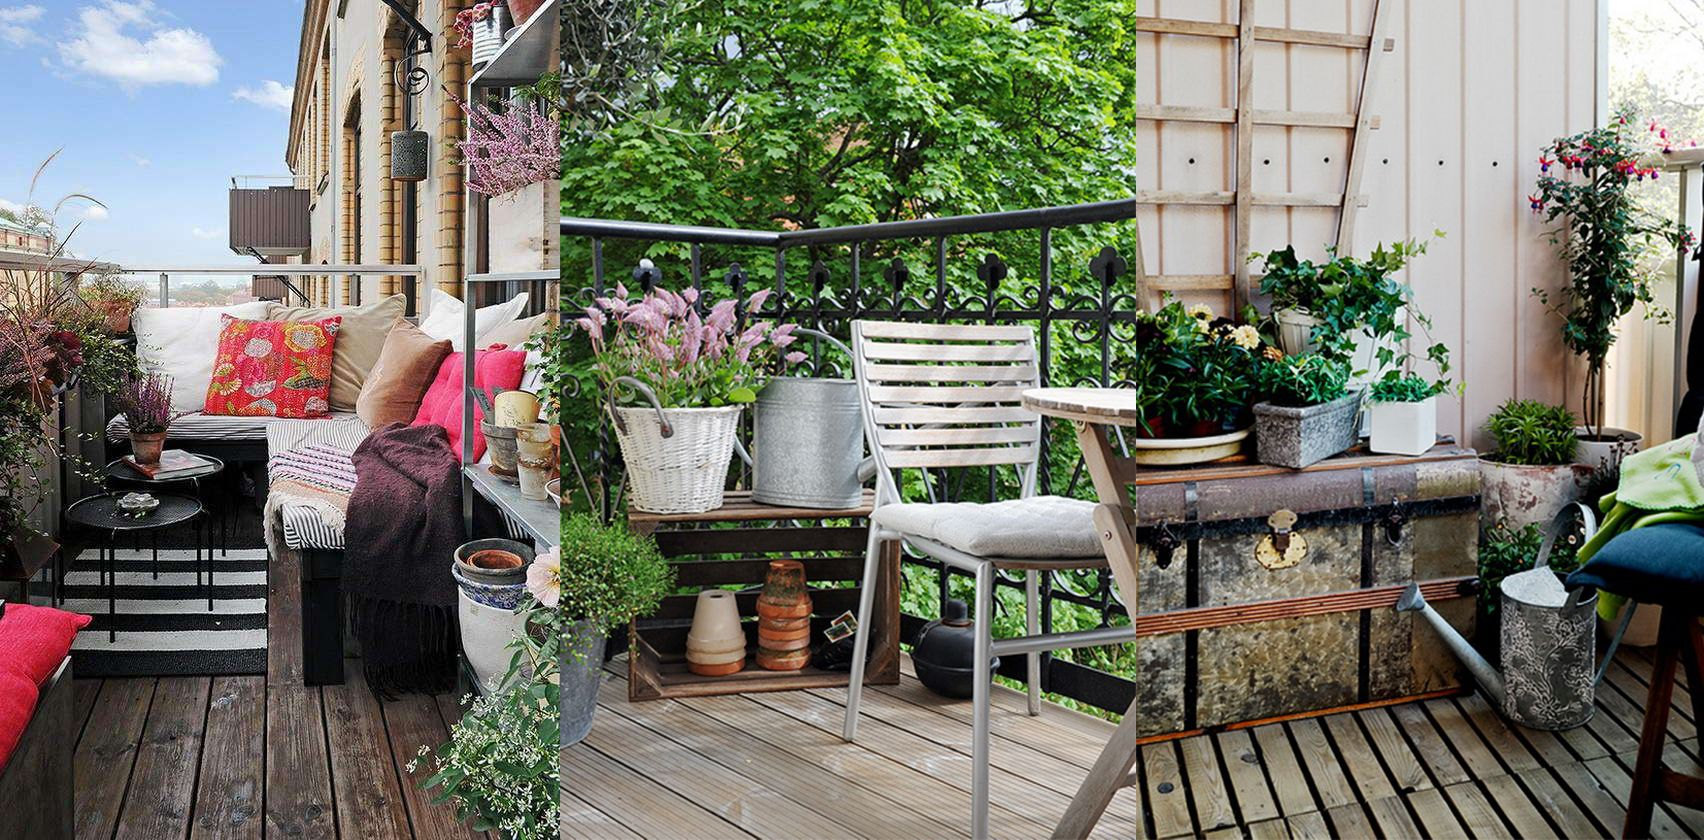 5 idee geniali per decorare il terrazzo bigodino - Idee per chiudere un terrazzo ...